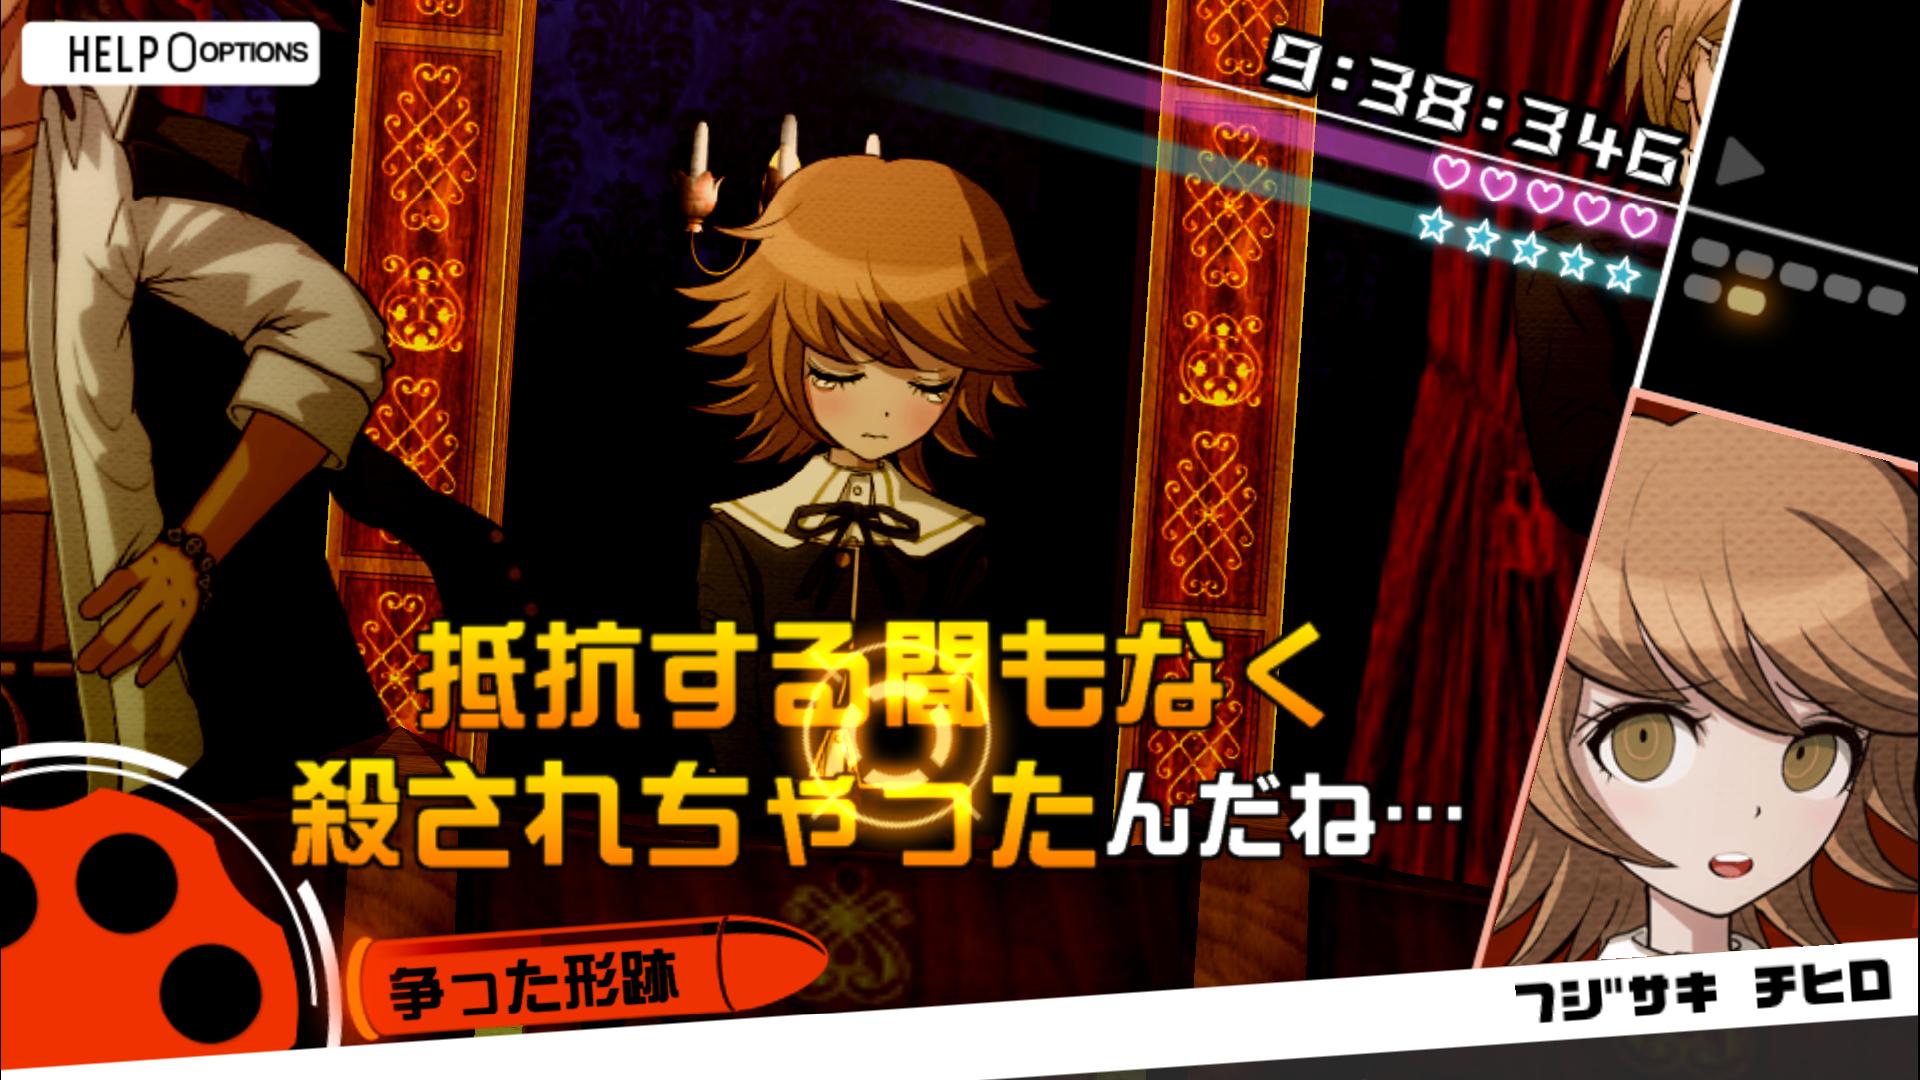 『ダンガンロンパ1・2 Reload』ゲーム画面